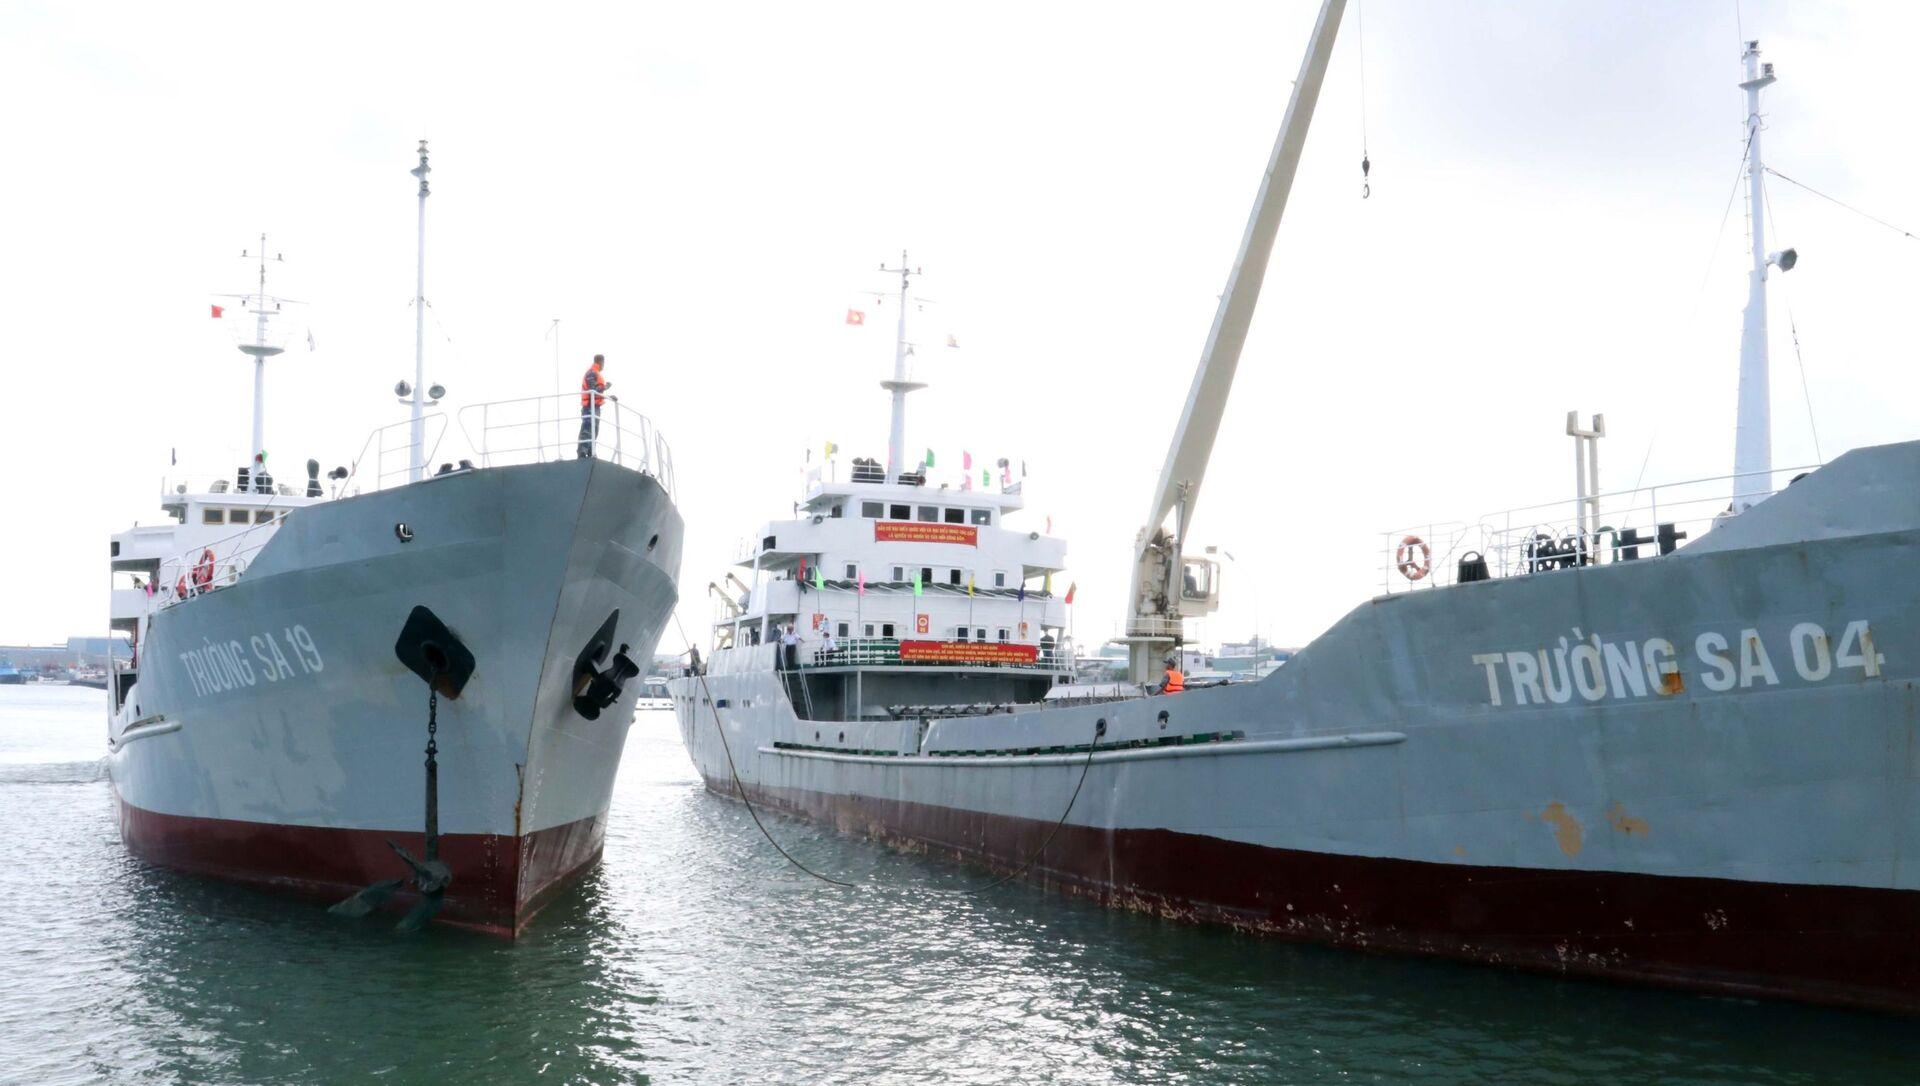 Tàu Trường Sa 19 và Trường Sa 04 đưa Tổ Bầu cử sớm trên biển trở về cập cảng Lữ đoàn 171 Hải quân. - Sputnik Việt Nam, 1920, 06.07.2021